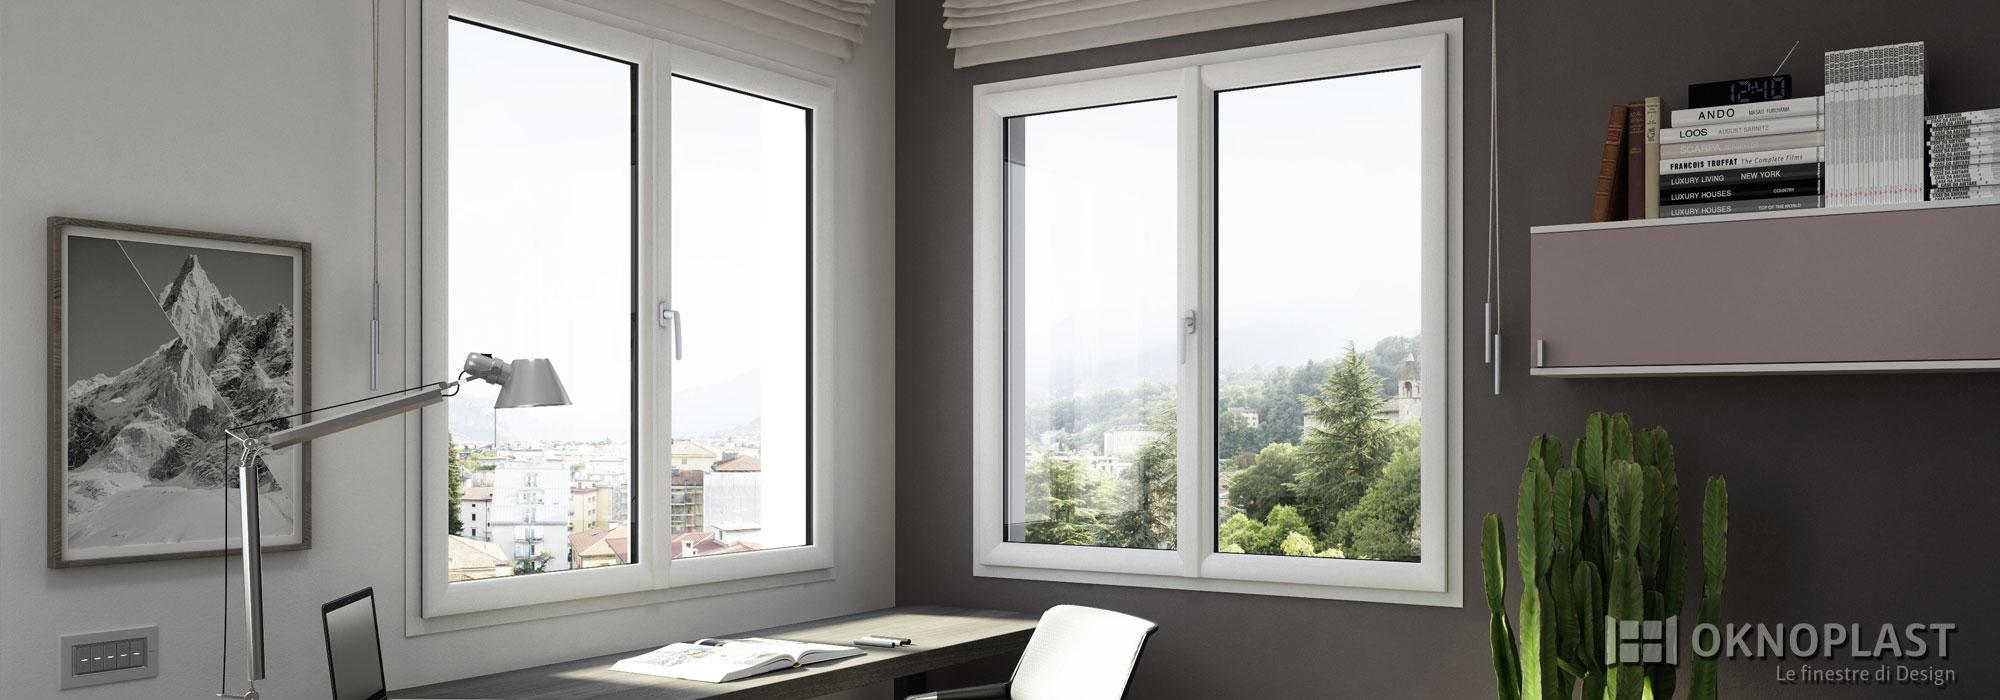 G2 srl finestre porte e serramenti a cesano maderno e grandate - Baltera srl unipersonale porte e finestre ...